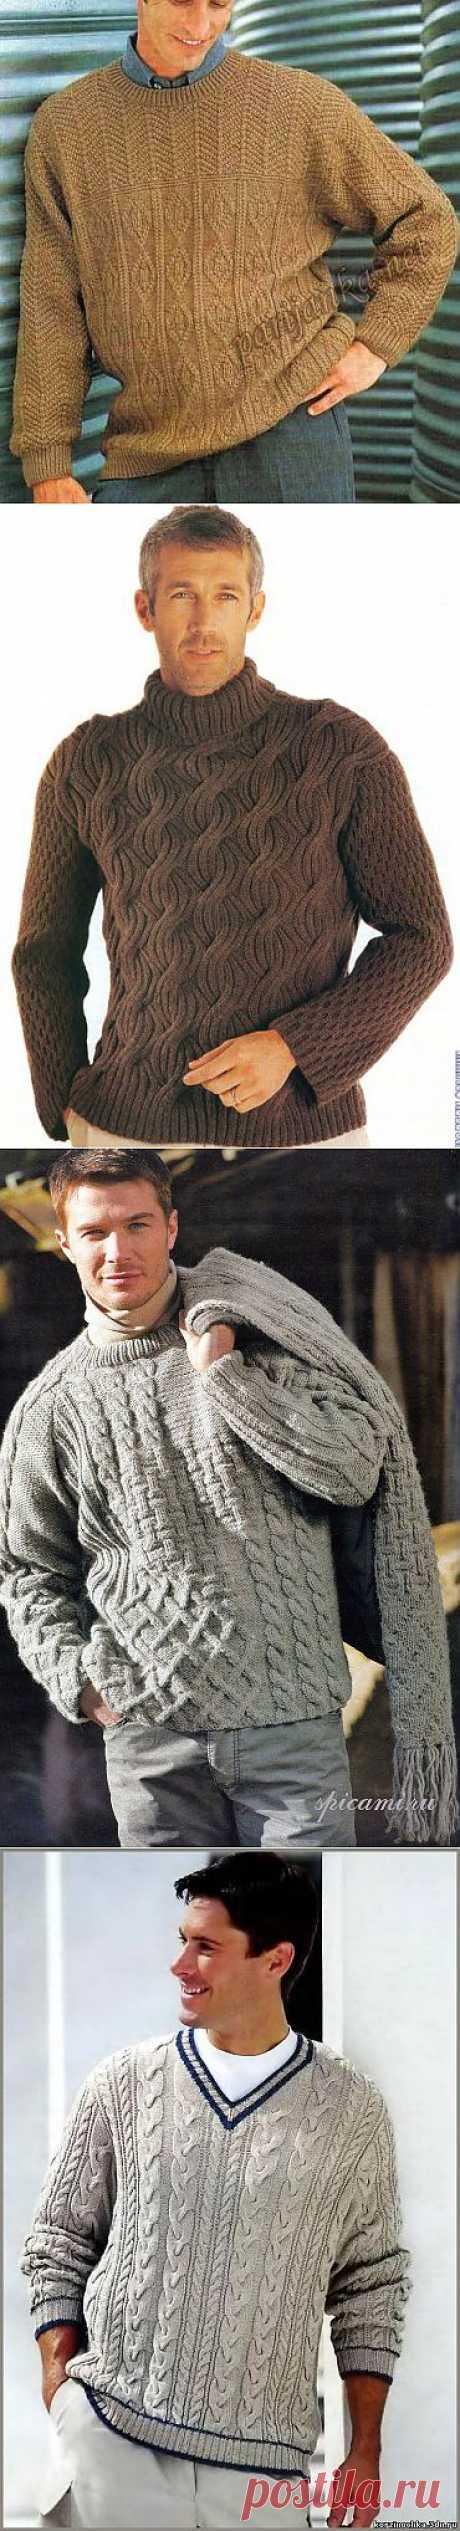 Вязание для мужчин | Записи в рубрике Вязание для мужчин | Дневник lyiolik